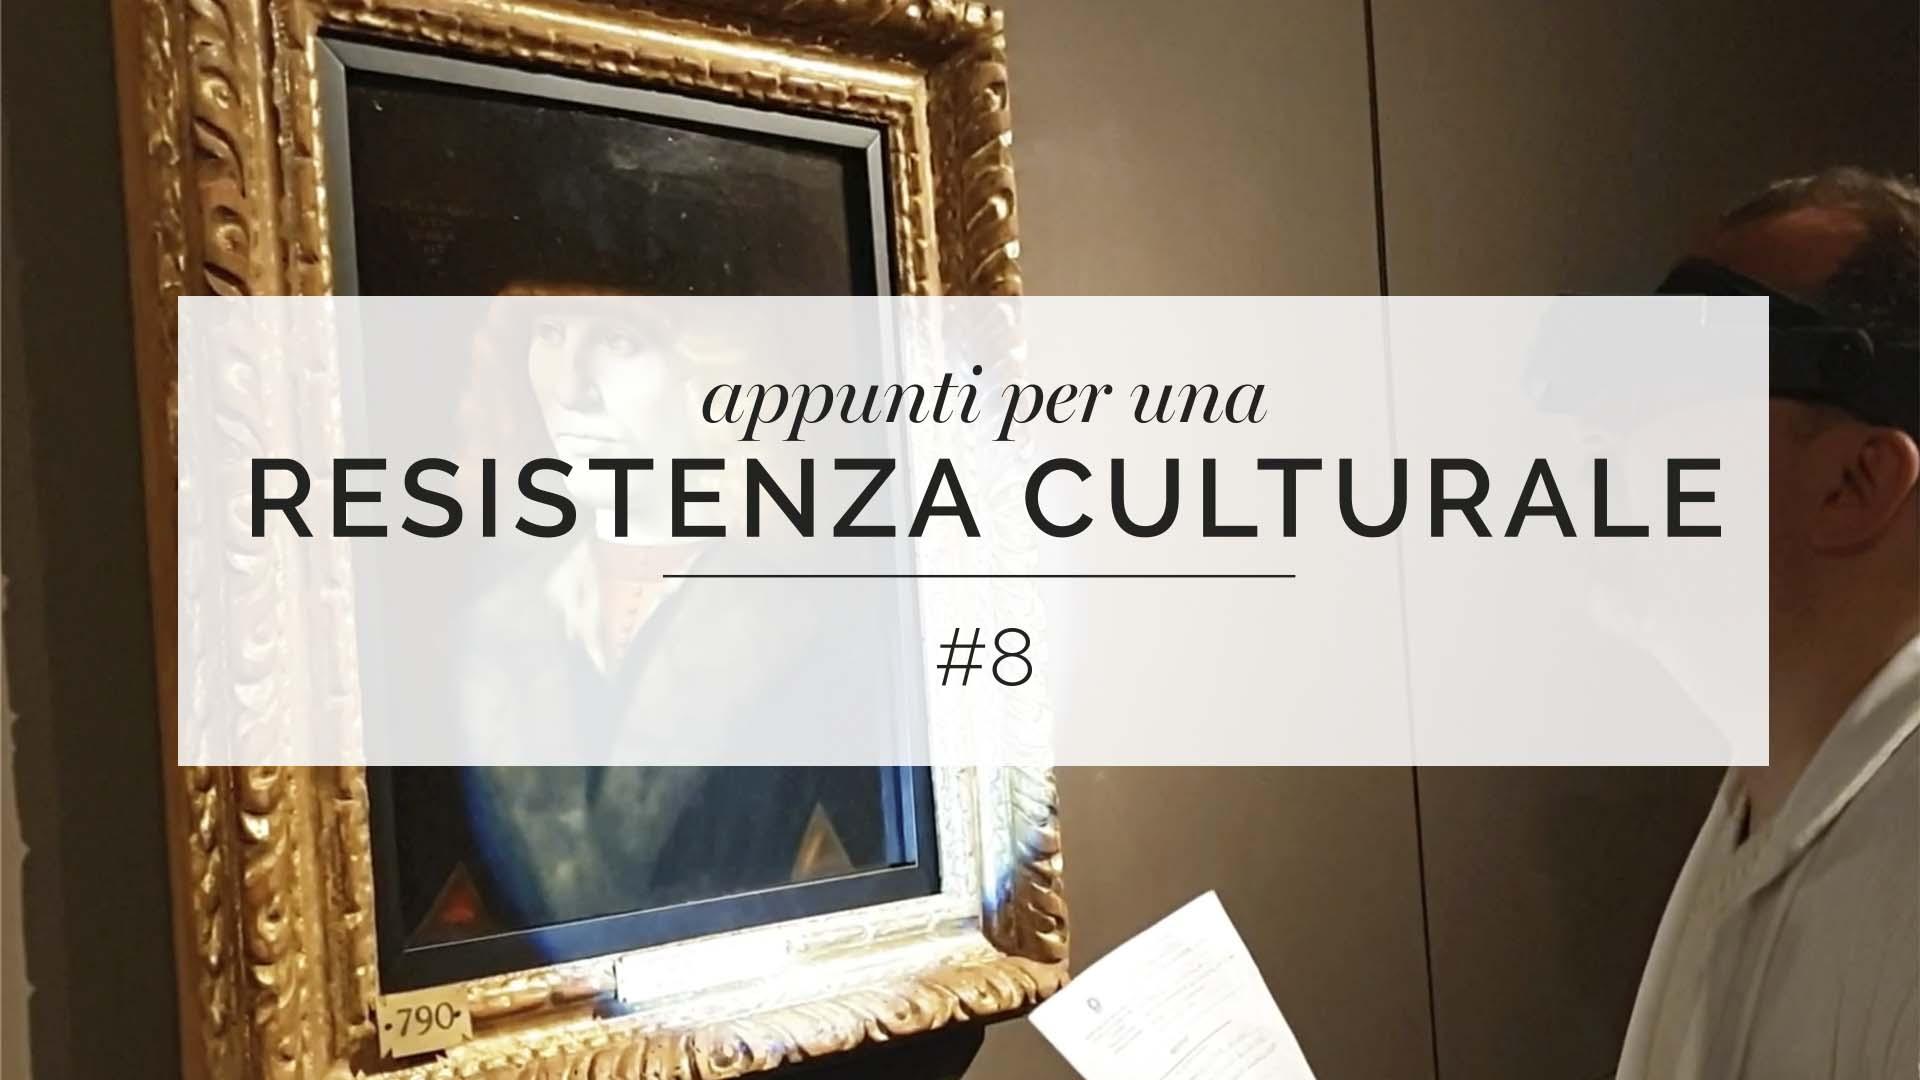 Appunti per una resistenza culturale #8